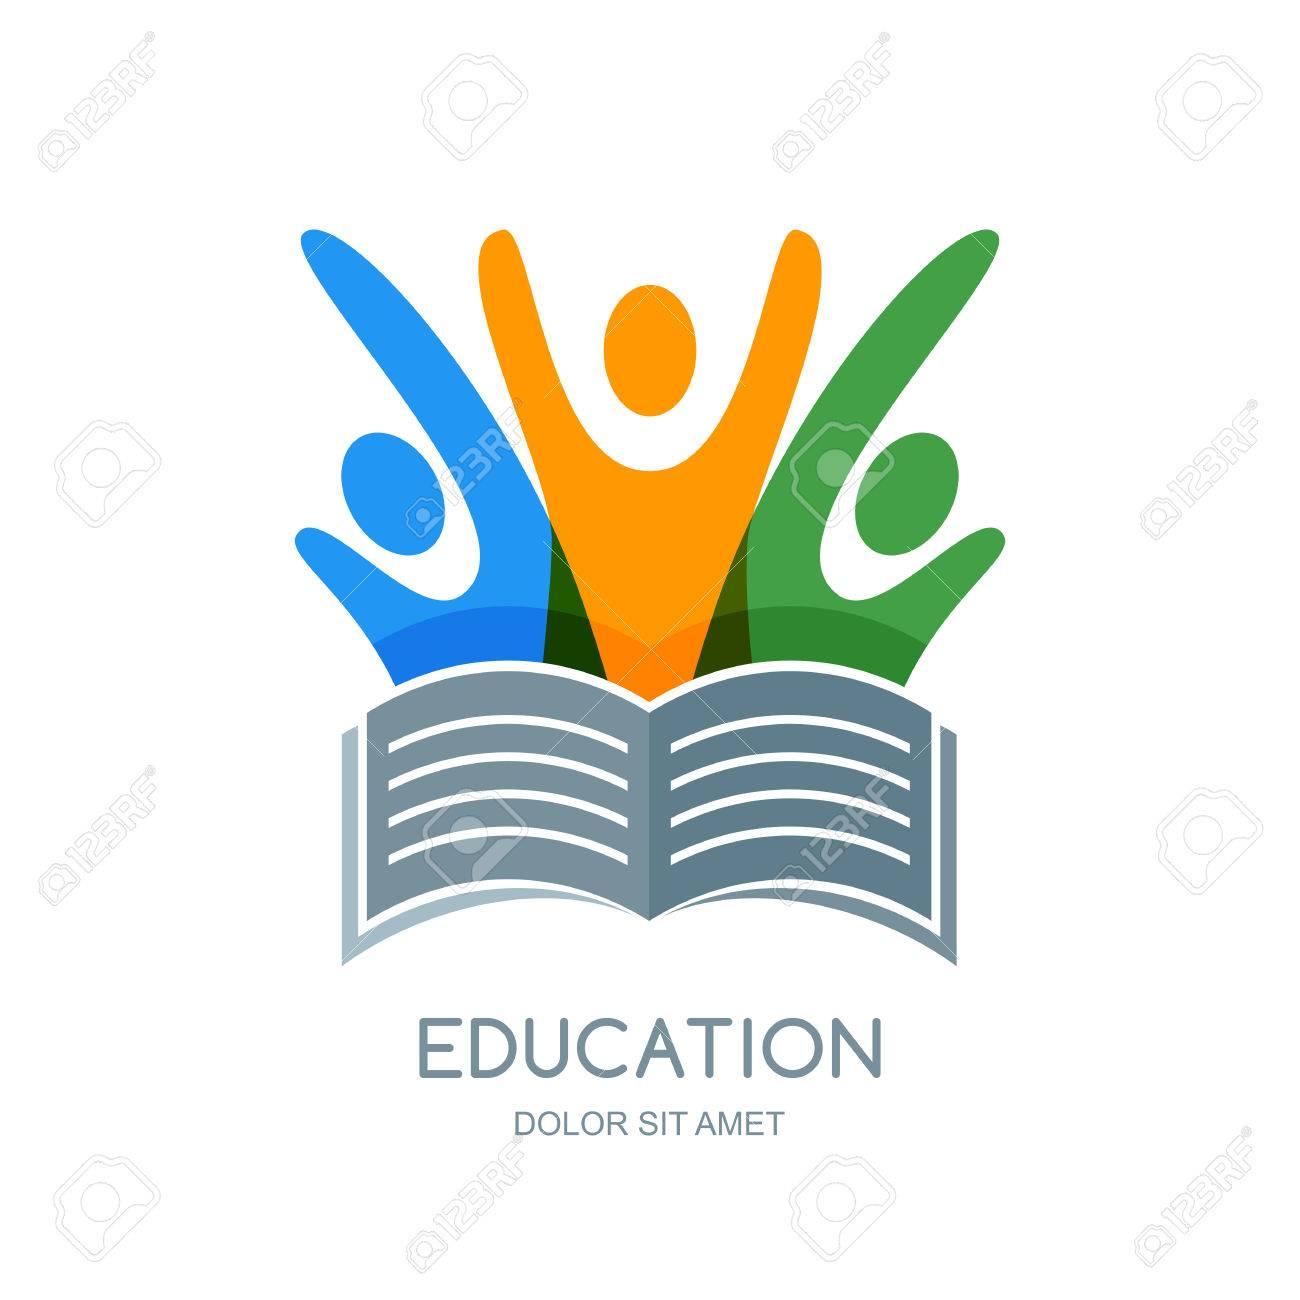 Perfecto Resume La Plantilla De La Escuela Componente - Ejemplos de ...